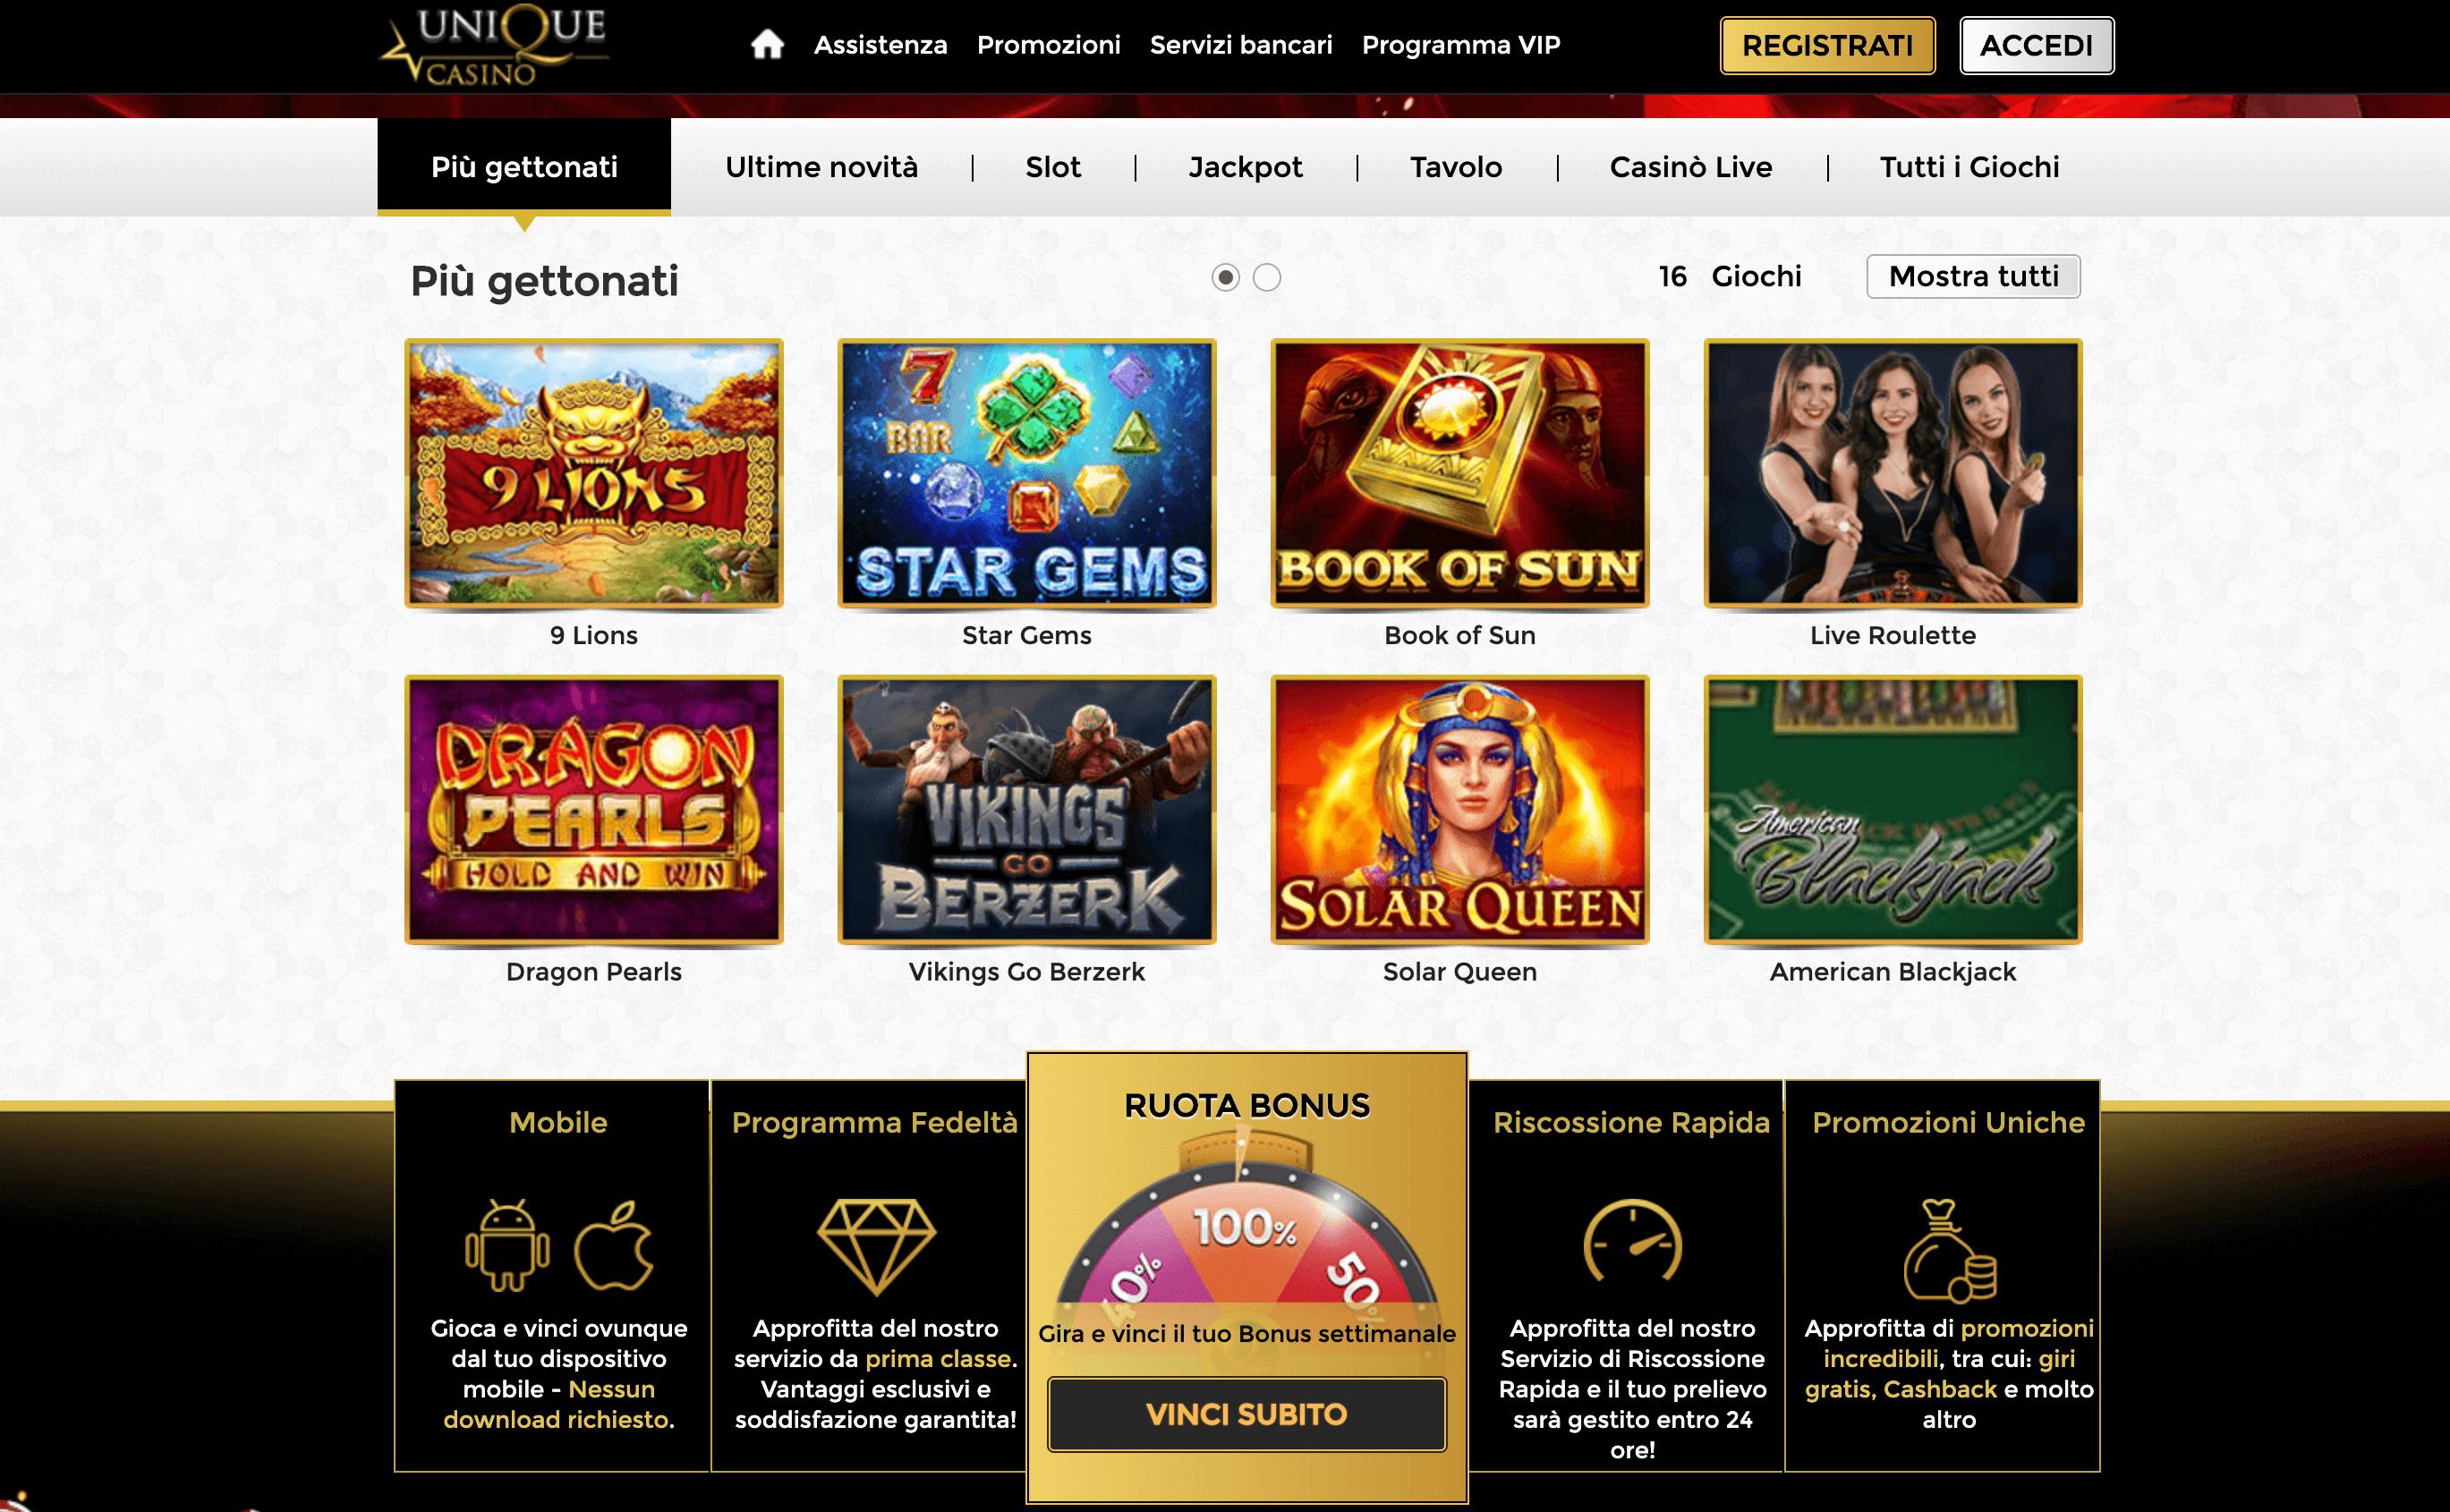 unique casino home